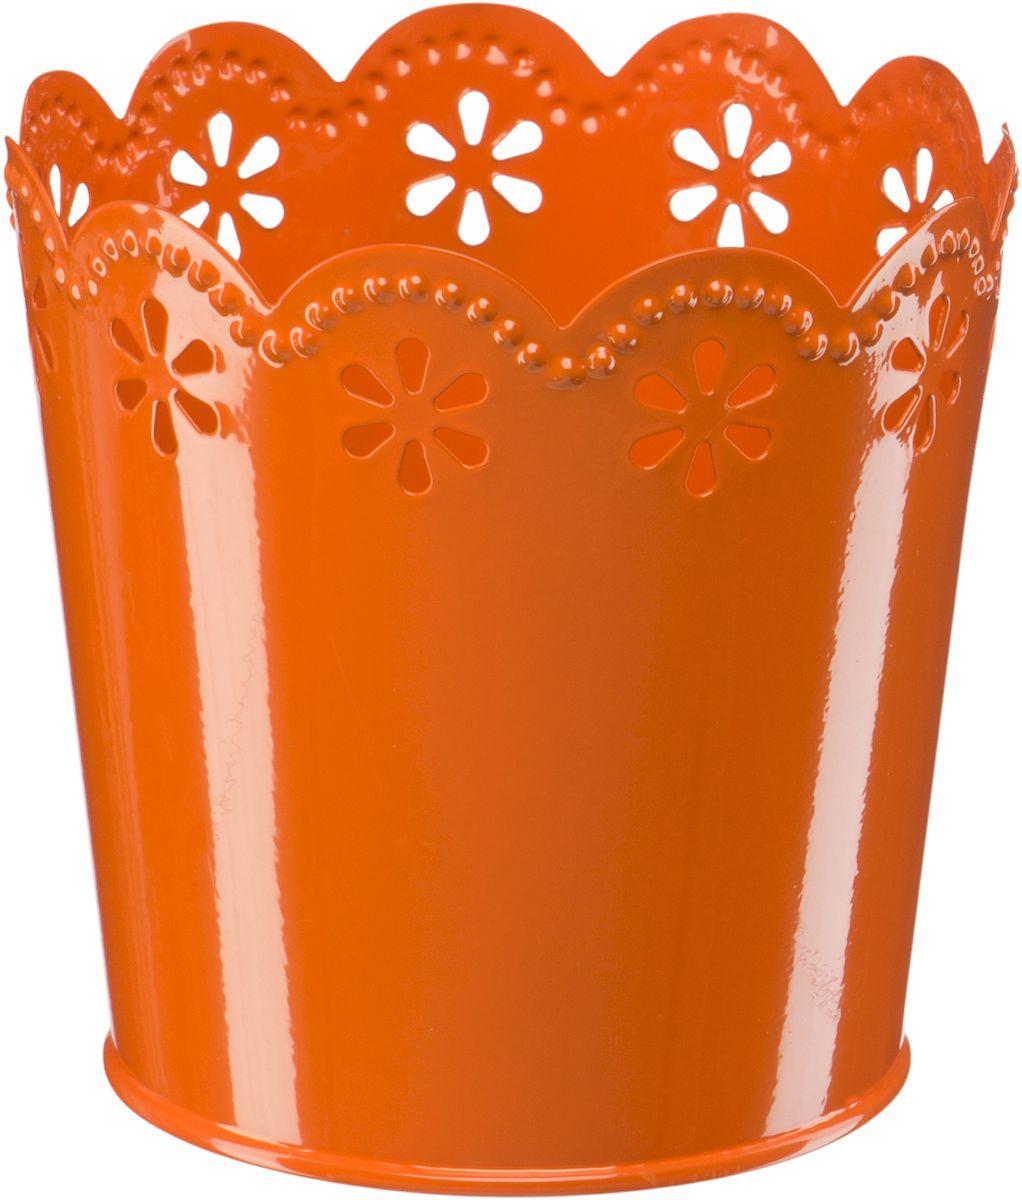 Кашпо Engard, цвет: оранжевый, 12,5 х 10 х 13 см531-105Кашпо, предназначенное для посадки декоративных растений, станет прекрасным украшением для дома. Яркая расцветка привлекает к себе внимание и поднимает настроение. Материал изготовления - металл.